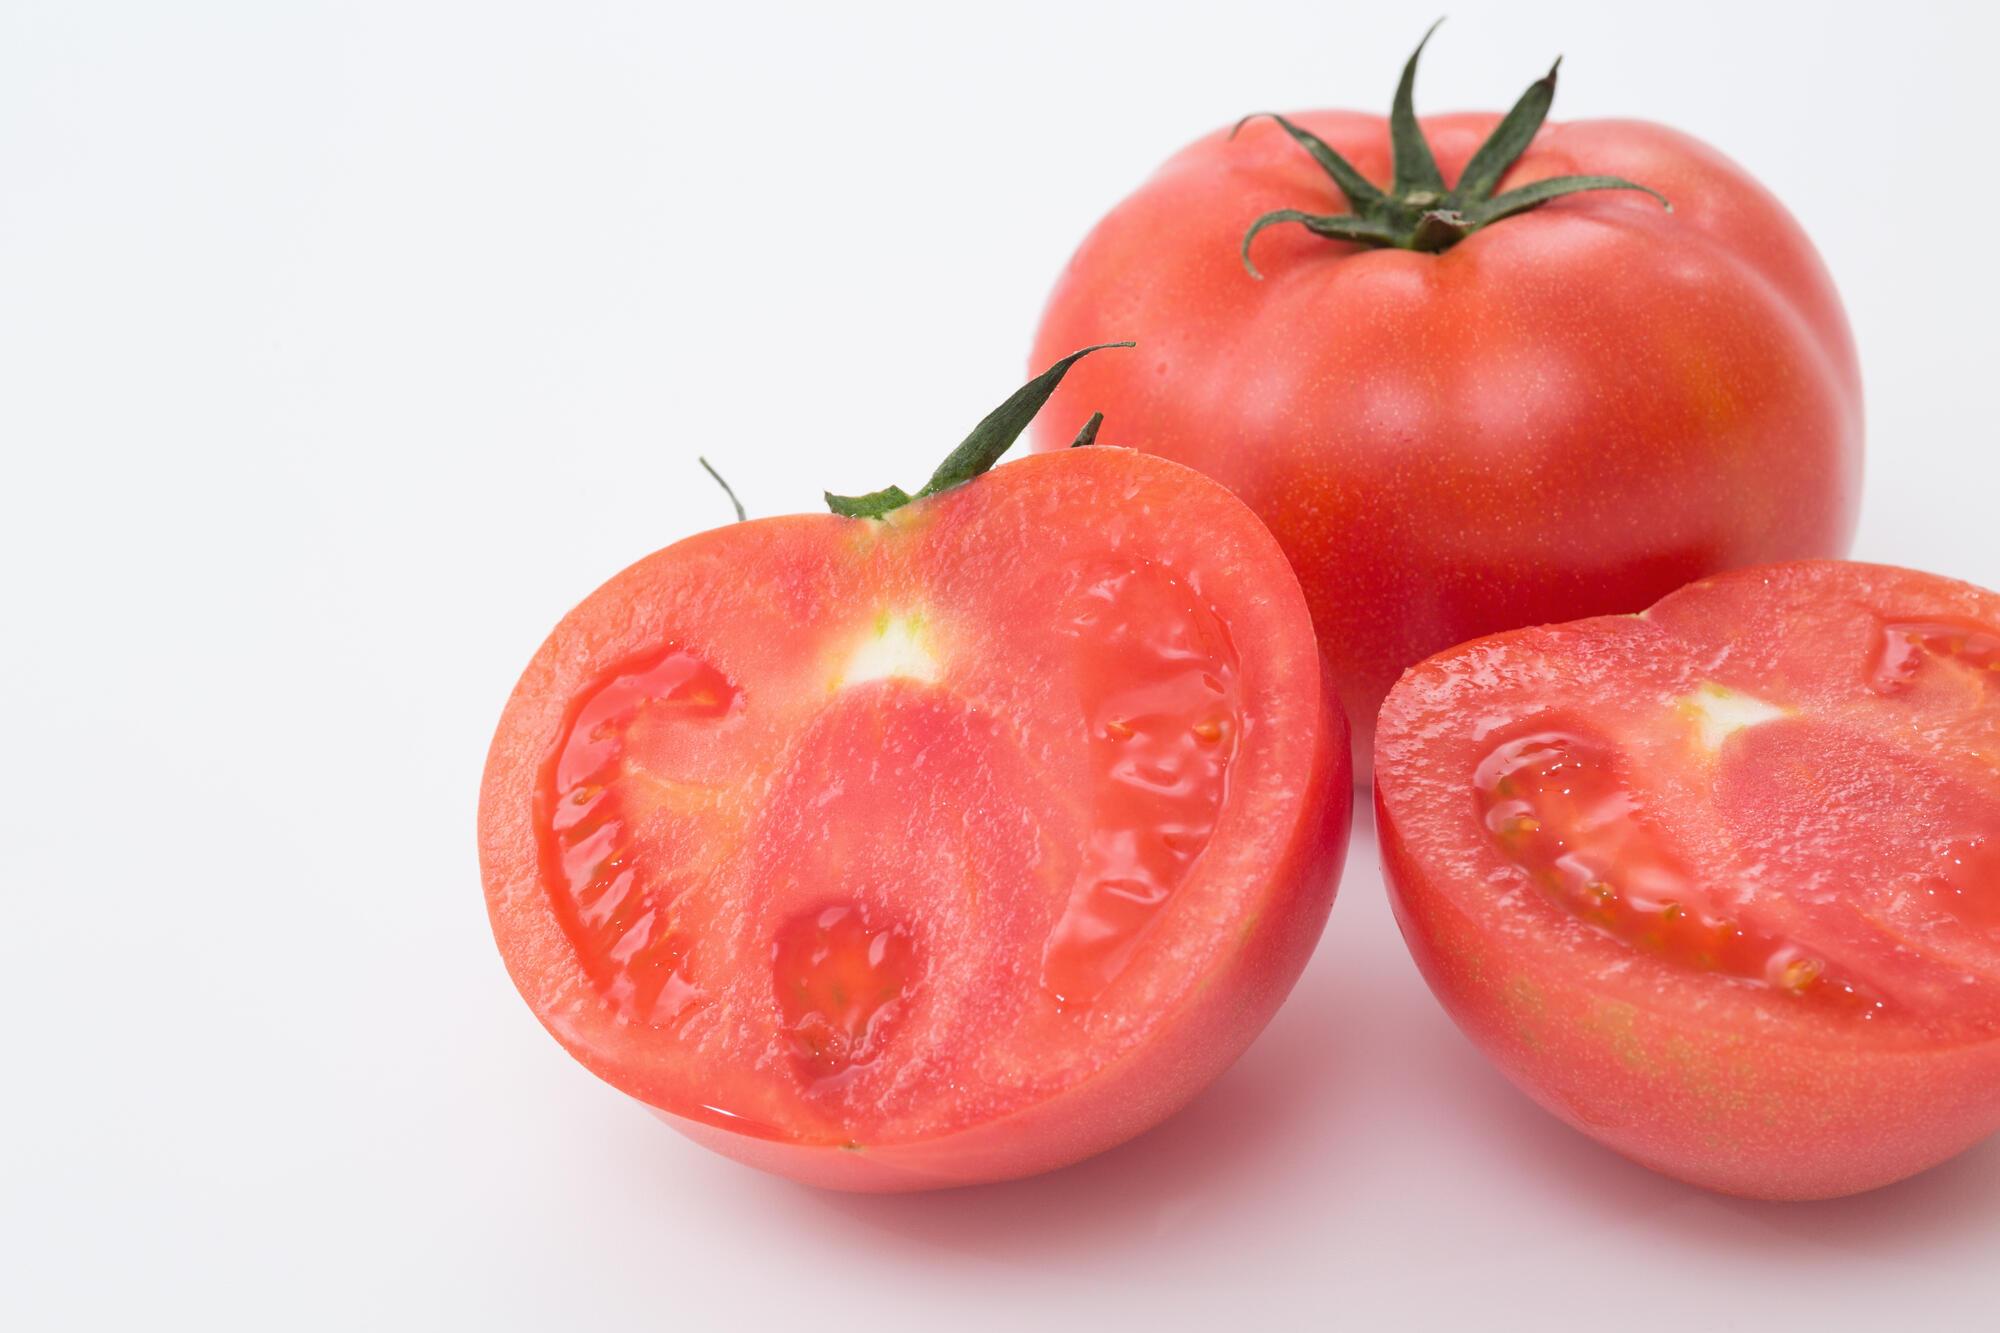 トマトは「食べる時間帯」によって、リコピンの吸収率が1.4倍に!